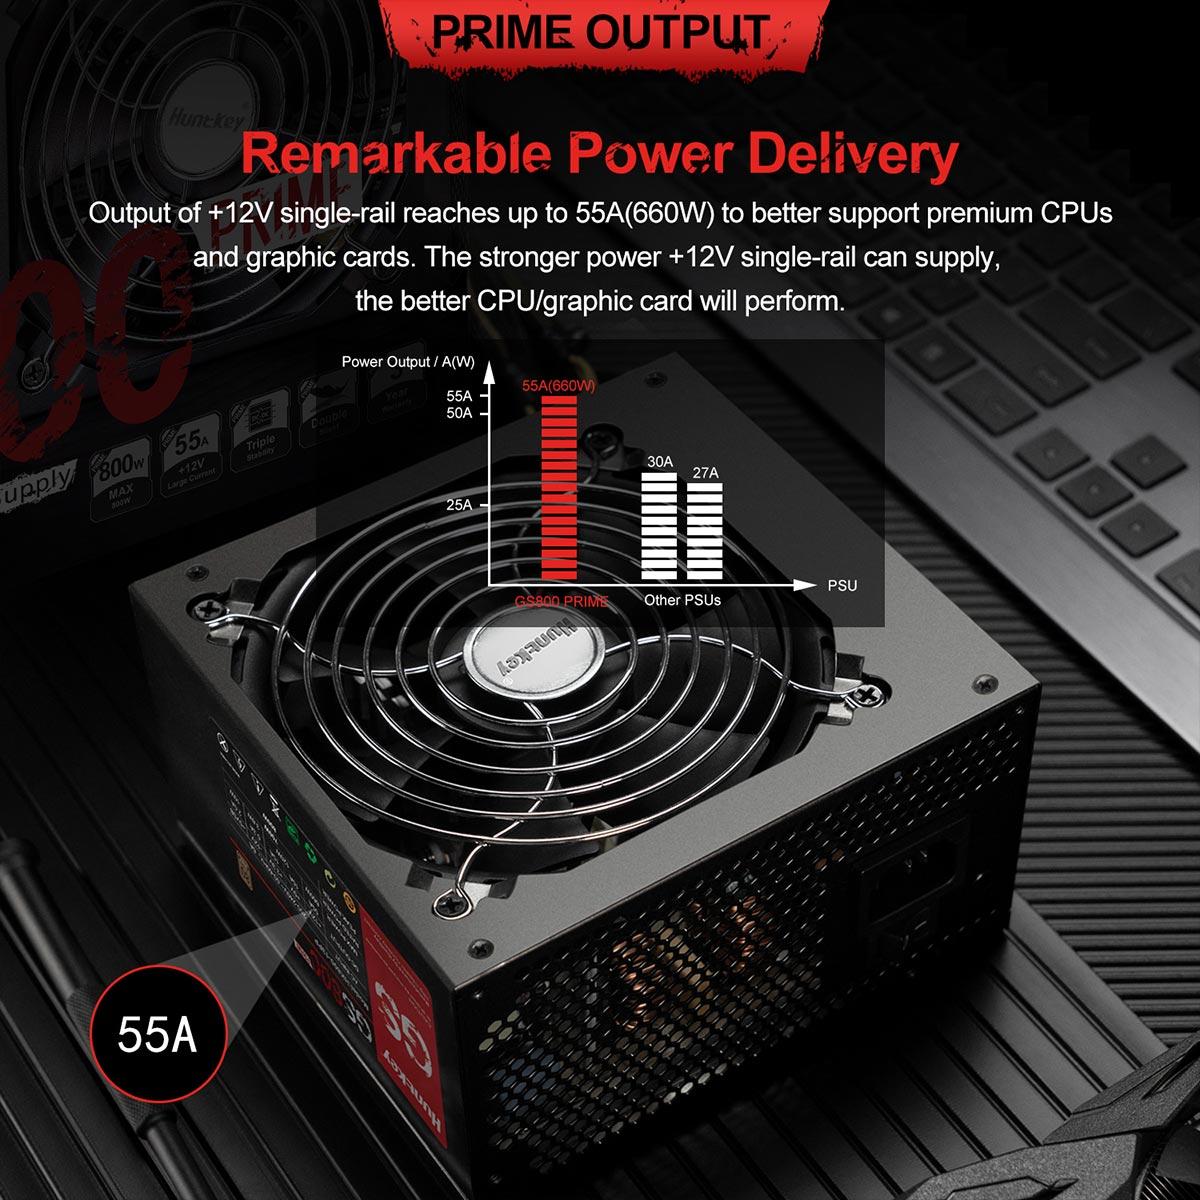 03-1 GS800 PRIME